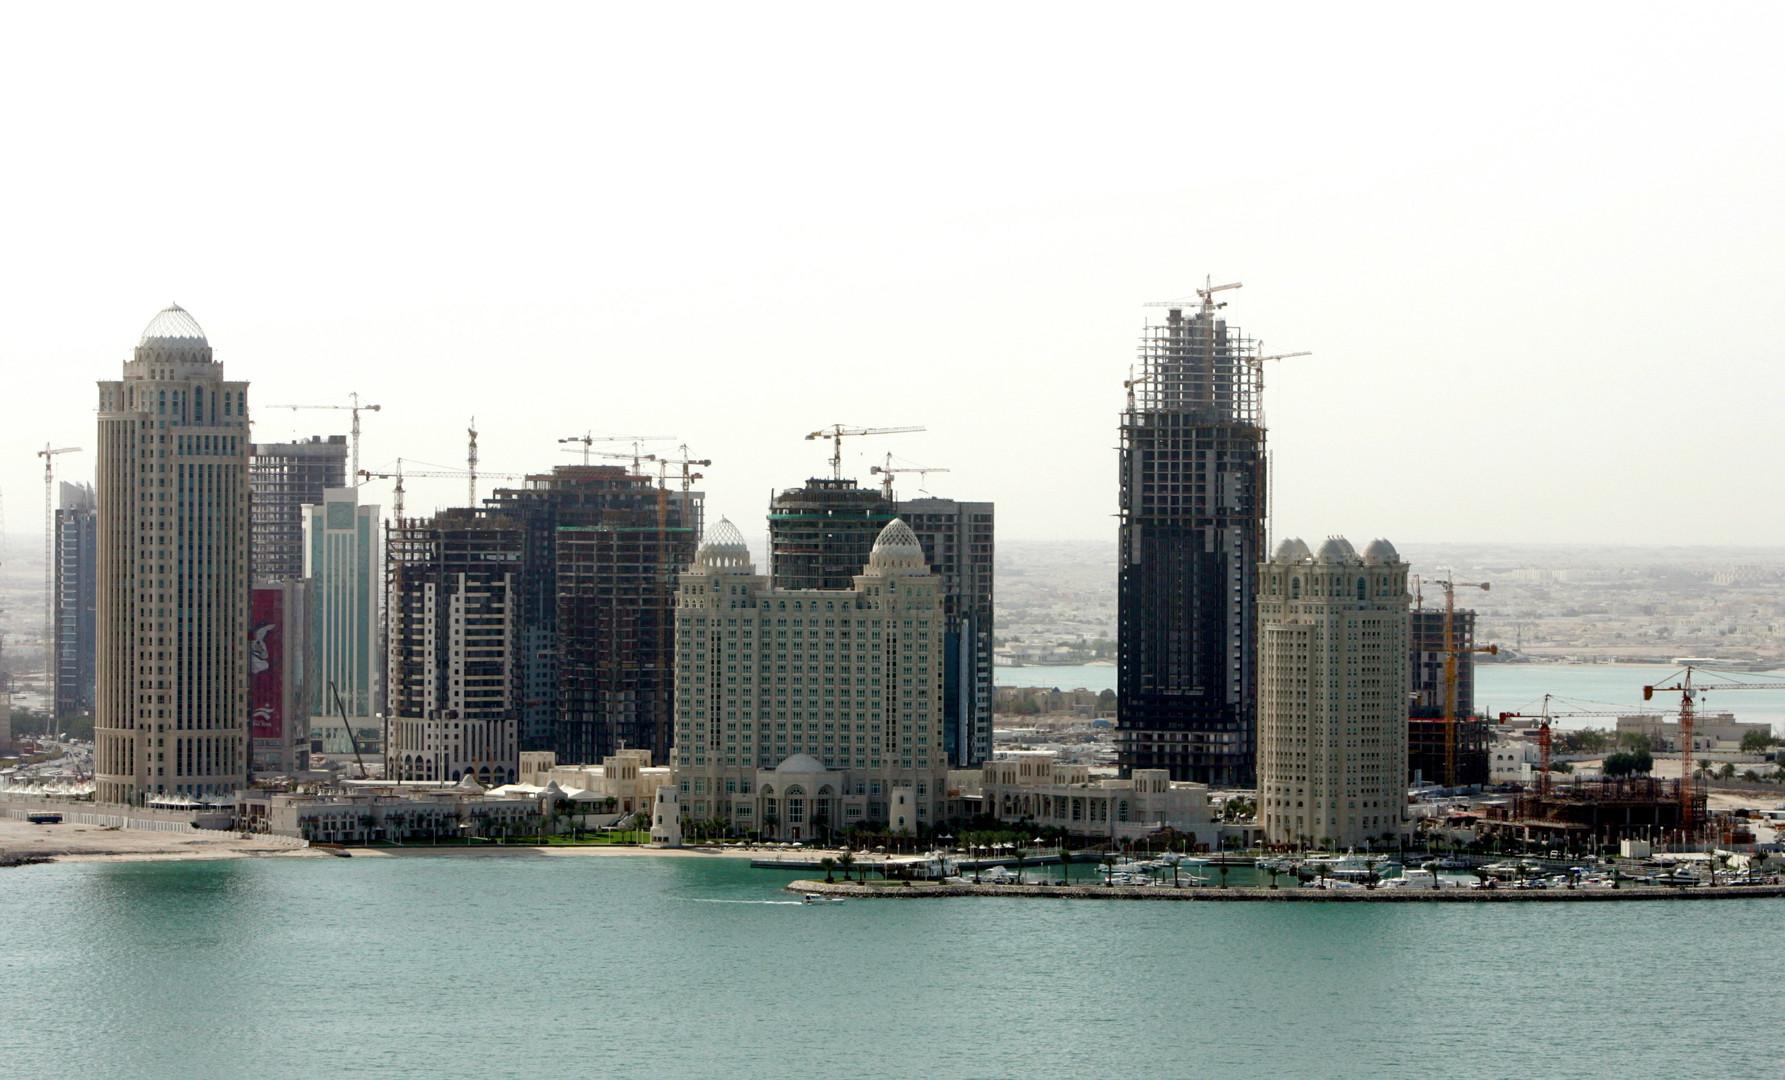 Le Qatar prévoit un déficit budgétaire pour la première fois depuis 15 ans